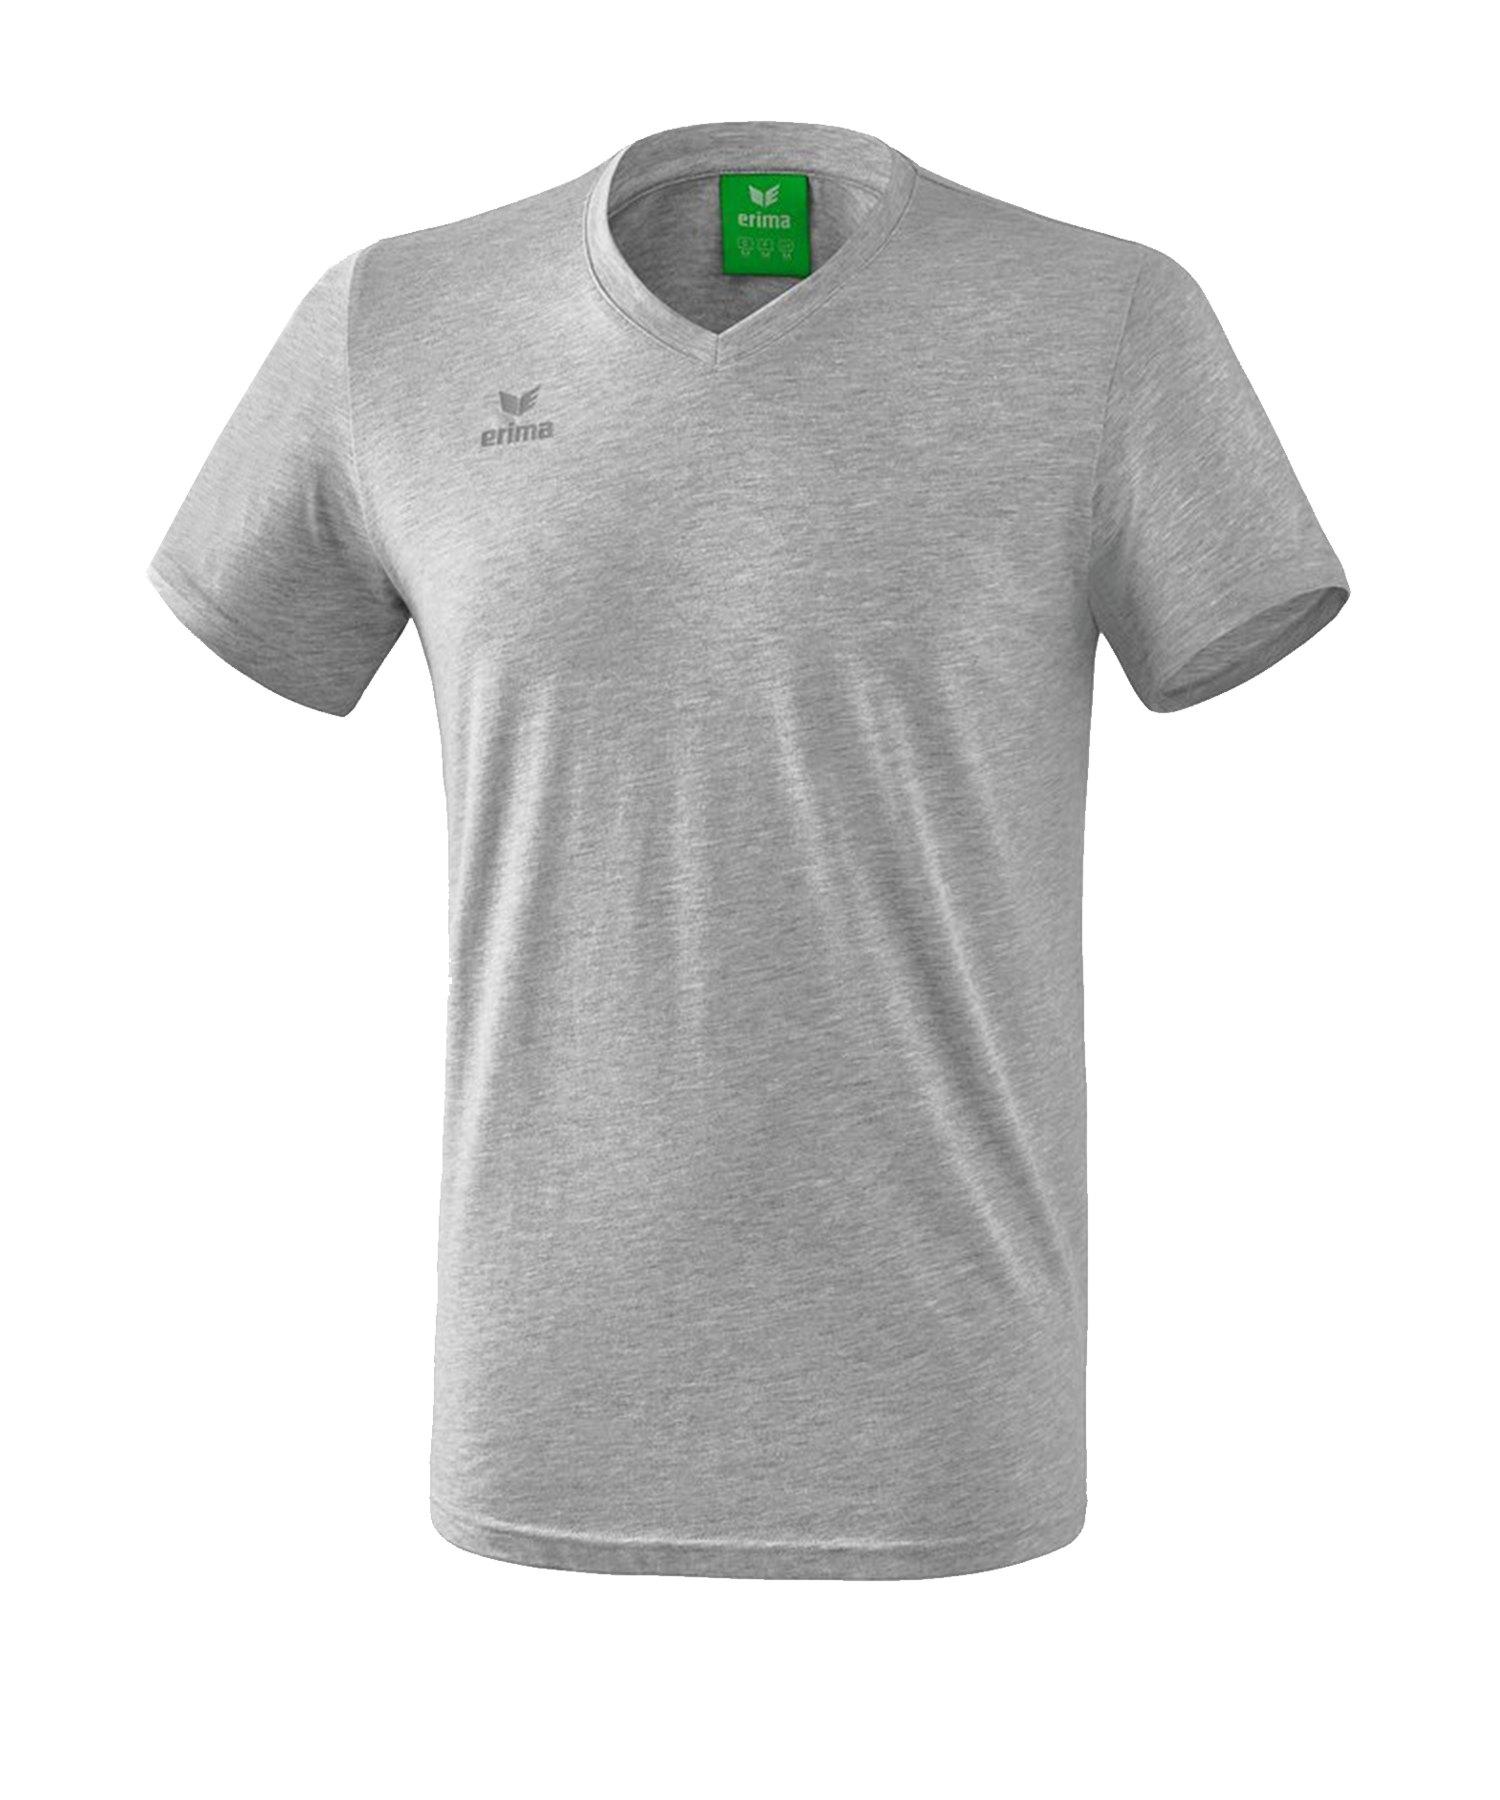 Erima Style T-Shirt Grau - Grau